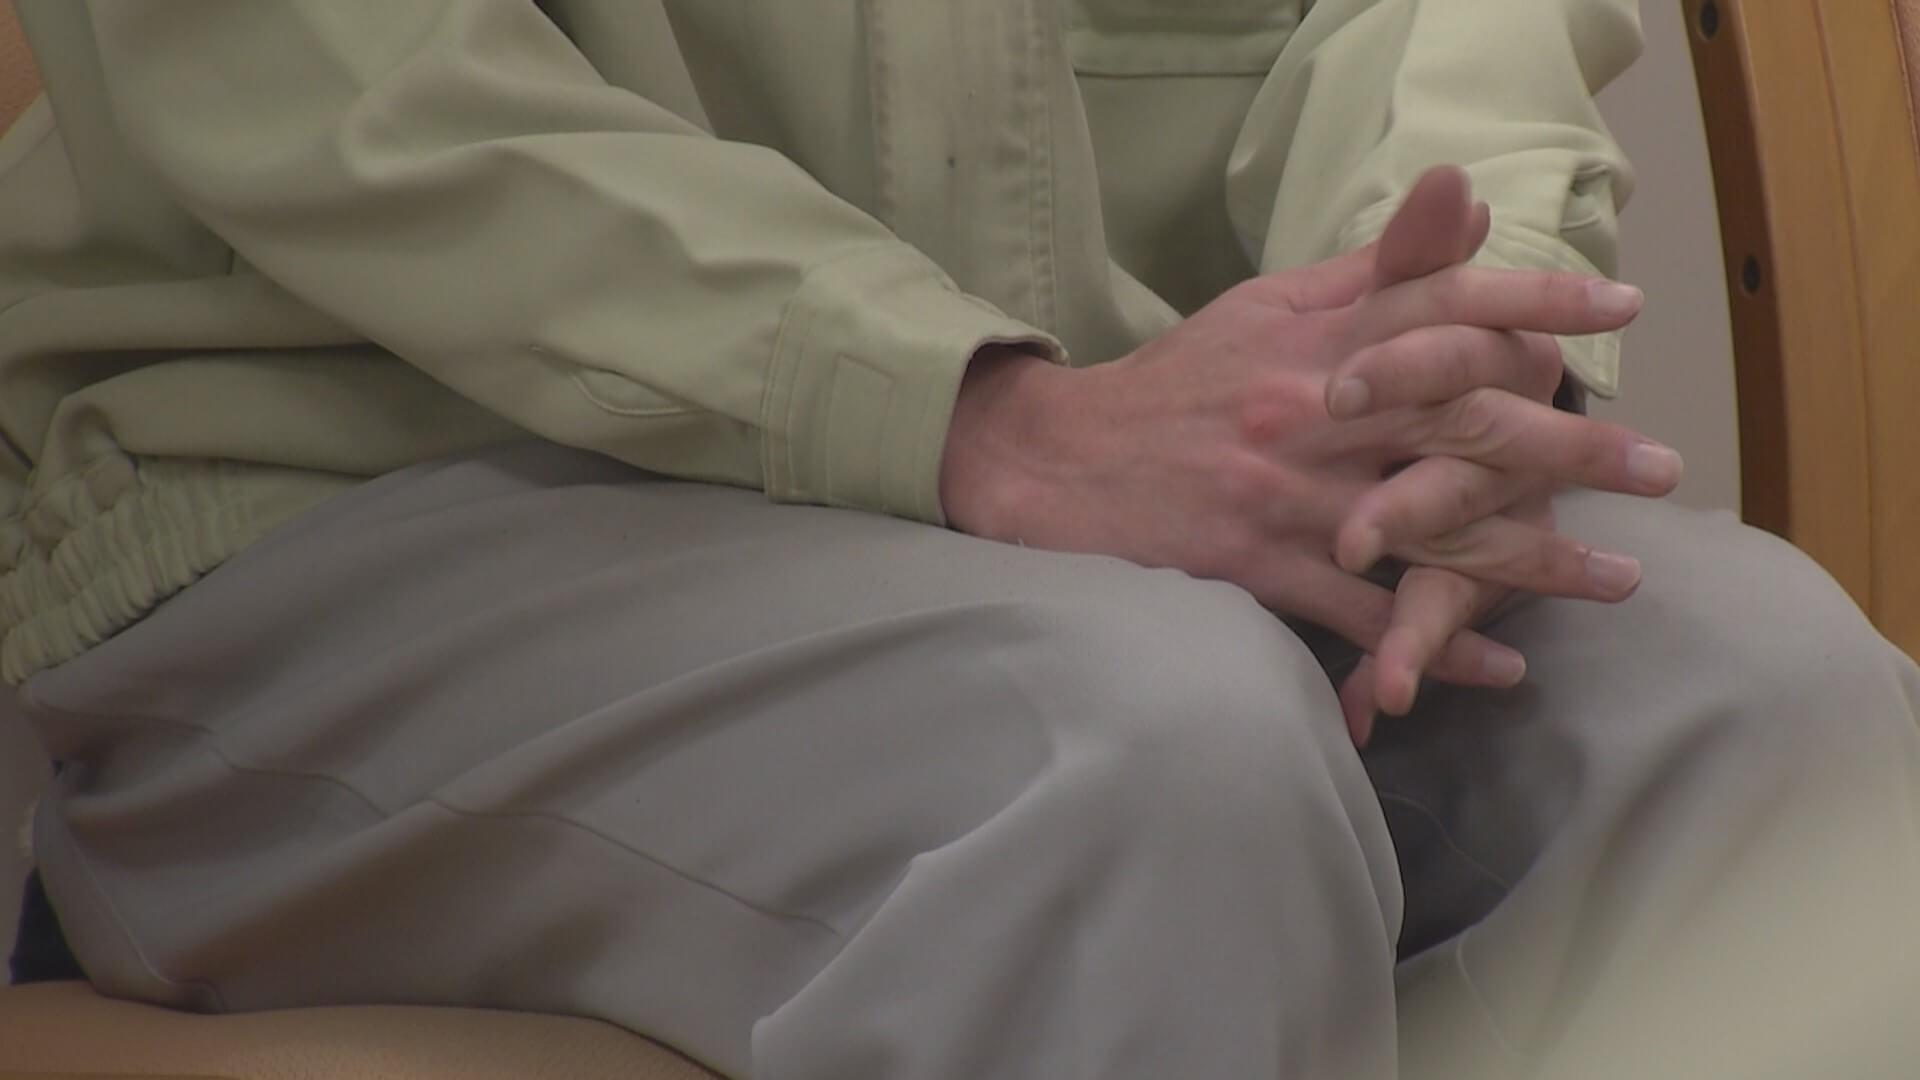 座っている服役者が指を組んでいる両手